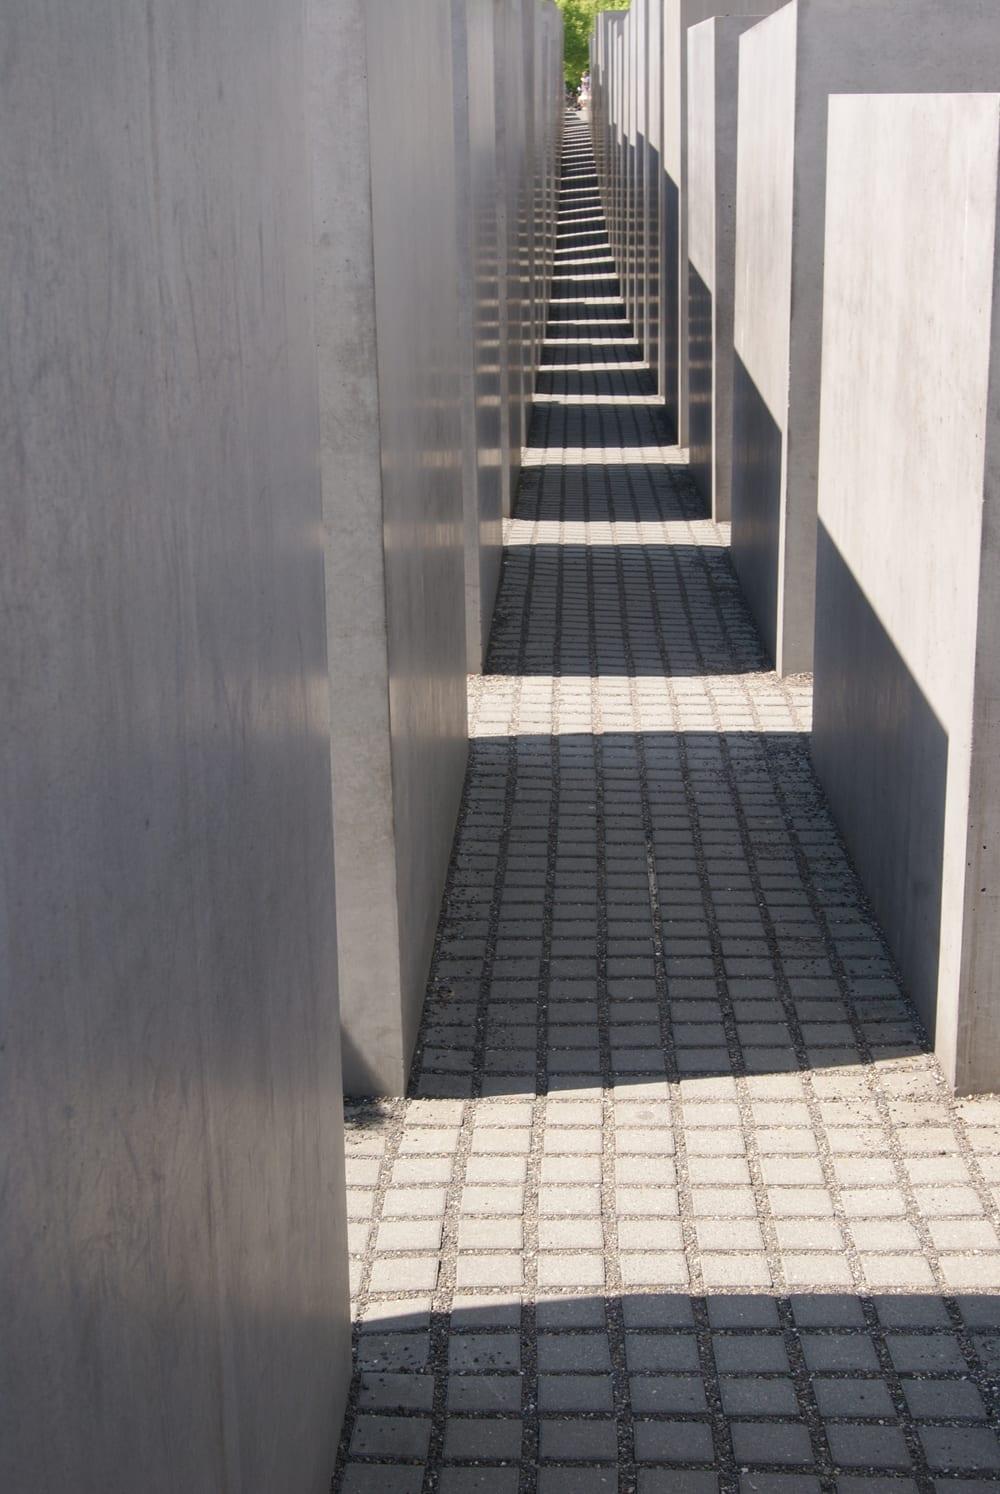 Memorial a las víctimas del Holocausto, Berlín